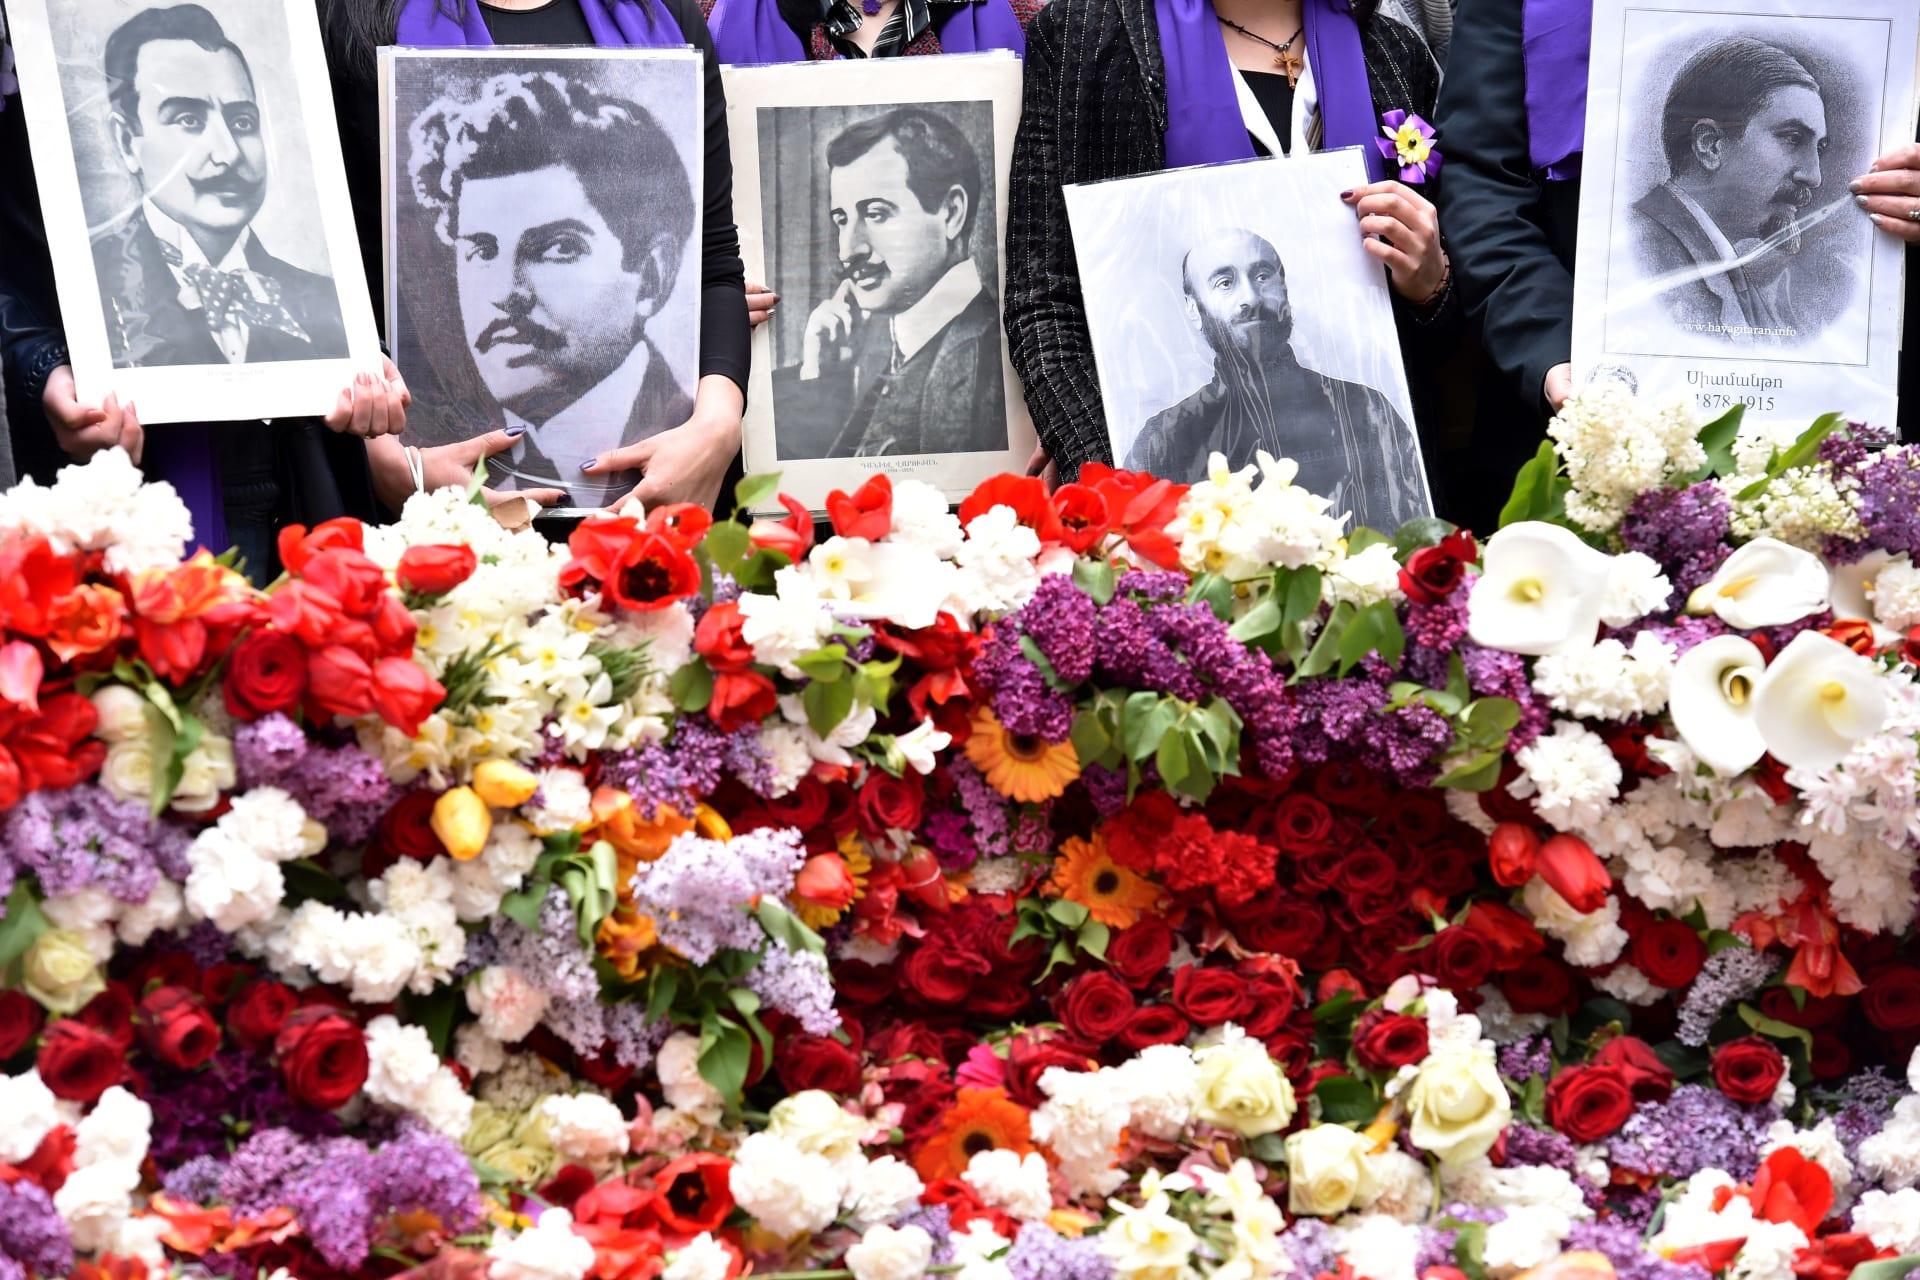 """تحدث عن """"شبح الدولة العثمانية"""".. رئيس أرمينيا يهاجم تركيا: لن نسمح بحدوث المجزرة مجددا"""